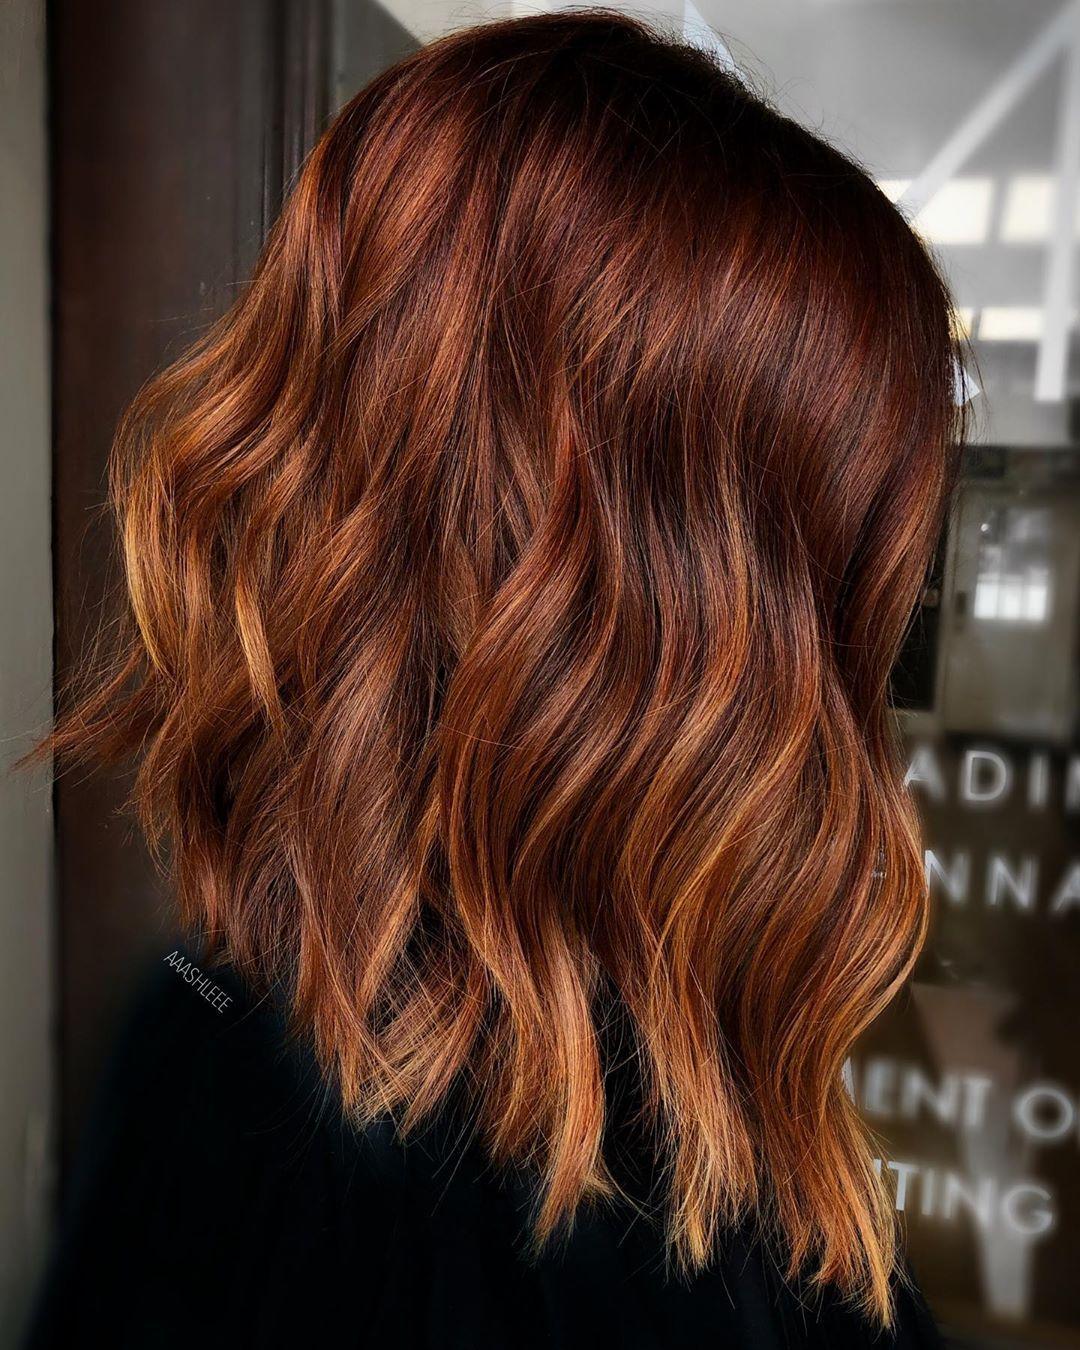 35 Instagram Worthy Short Hairstyles In 2020 Hair Styles Short Hair Styles Copper Hair Color